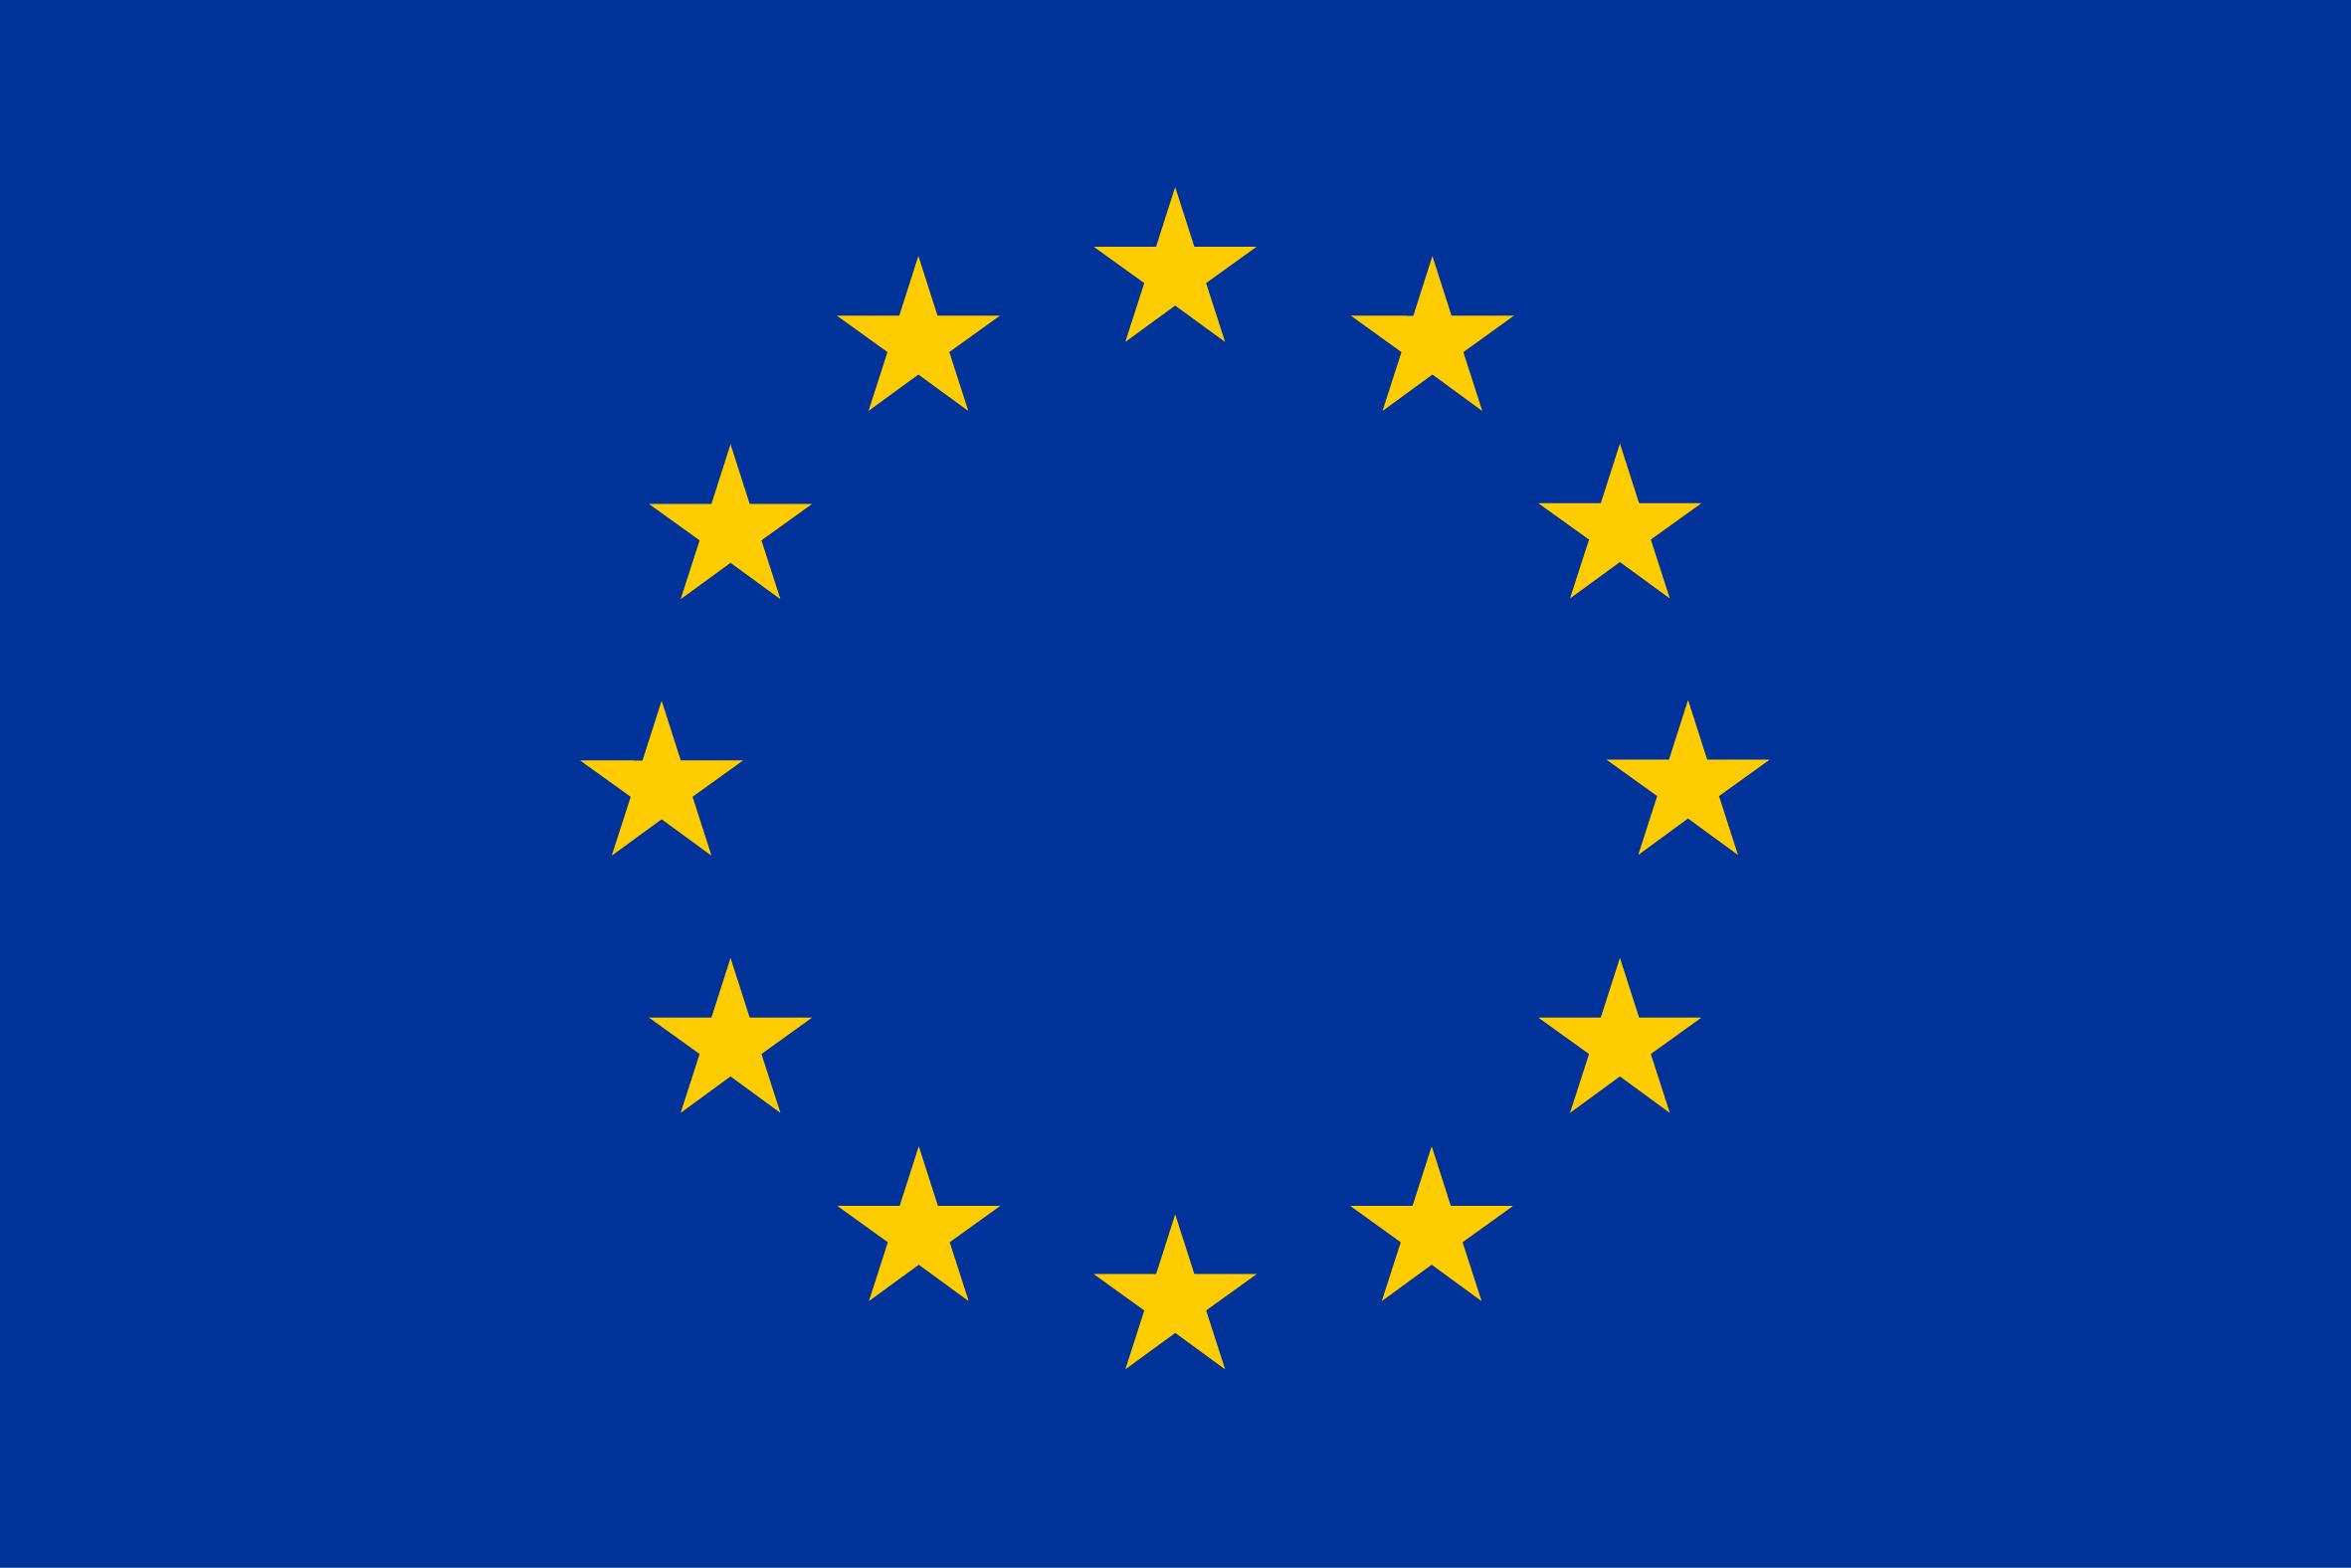 EU landbouwfonds